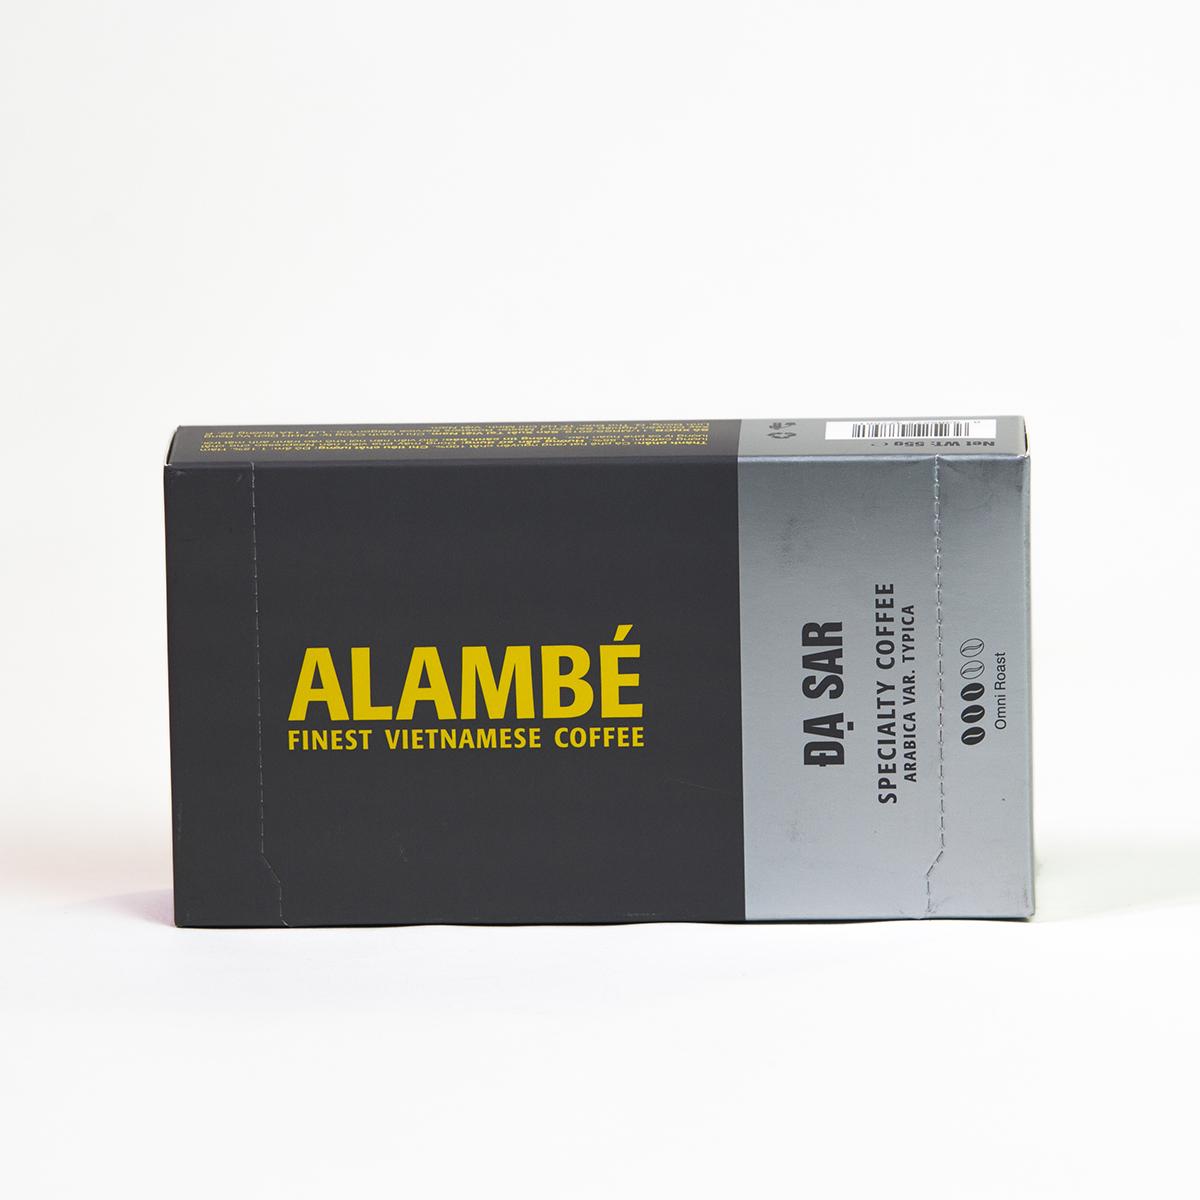 Viên nén cà phê đặc biệt Đạ Sar ALAMBÉ 55g